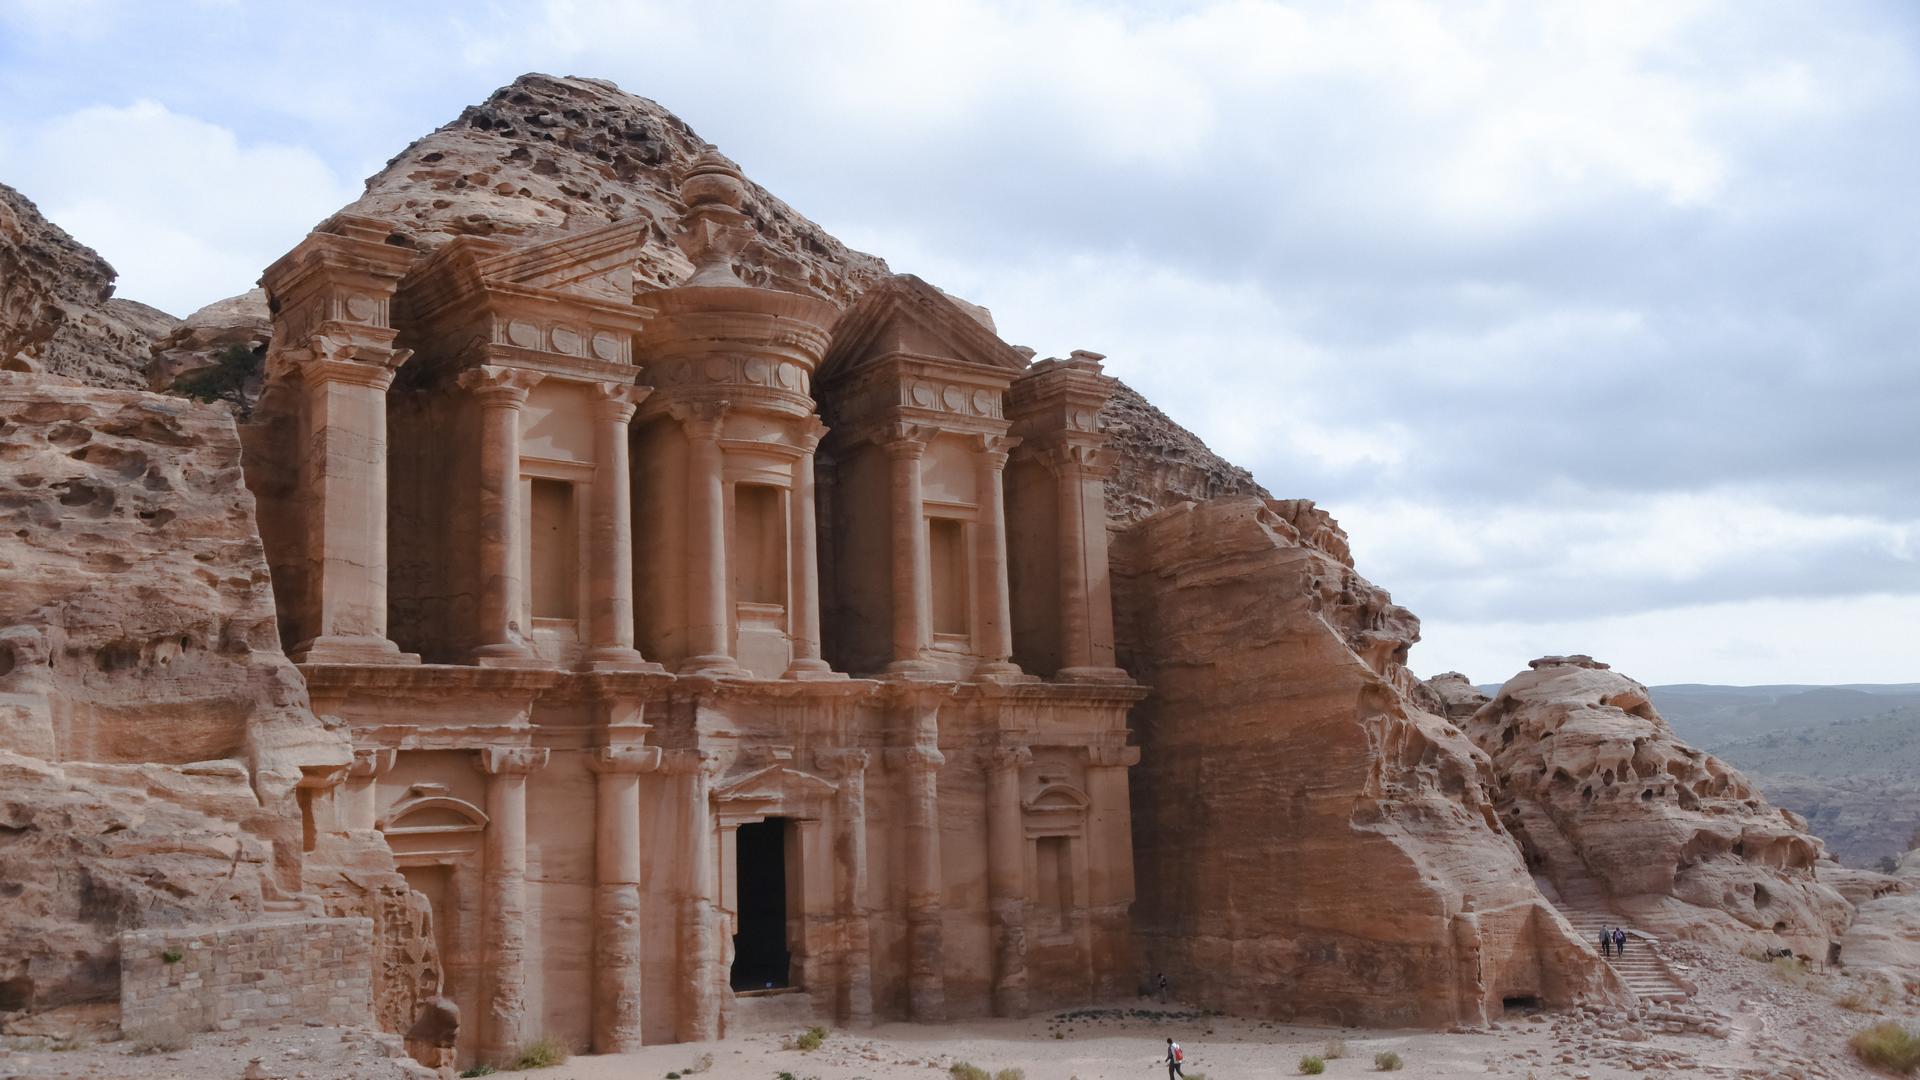 A view in Jordan